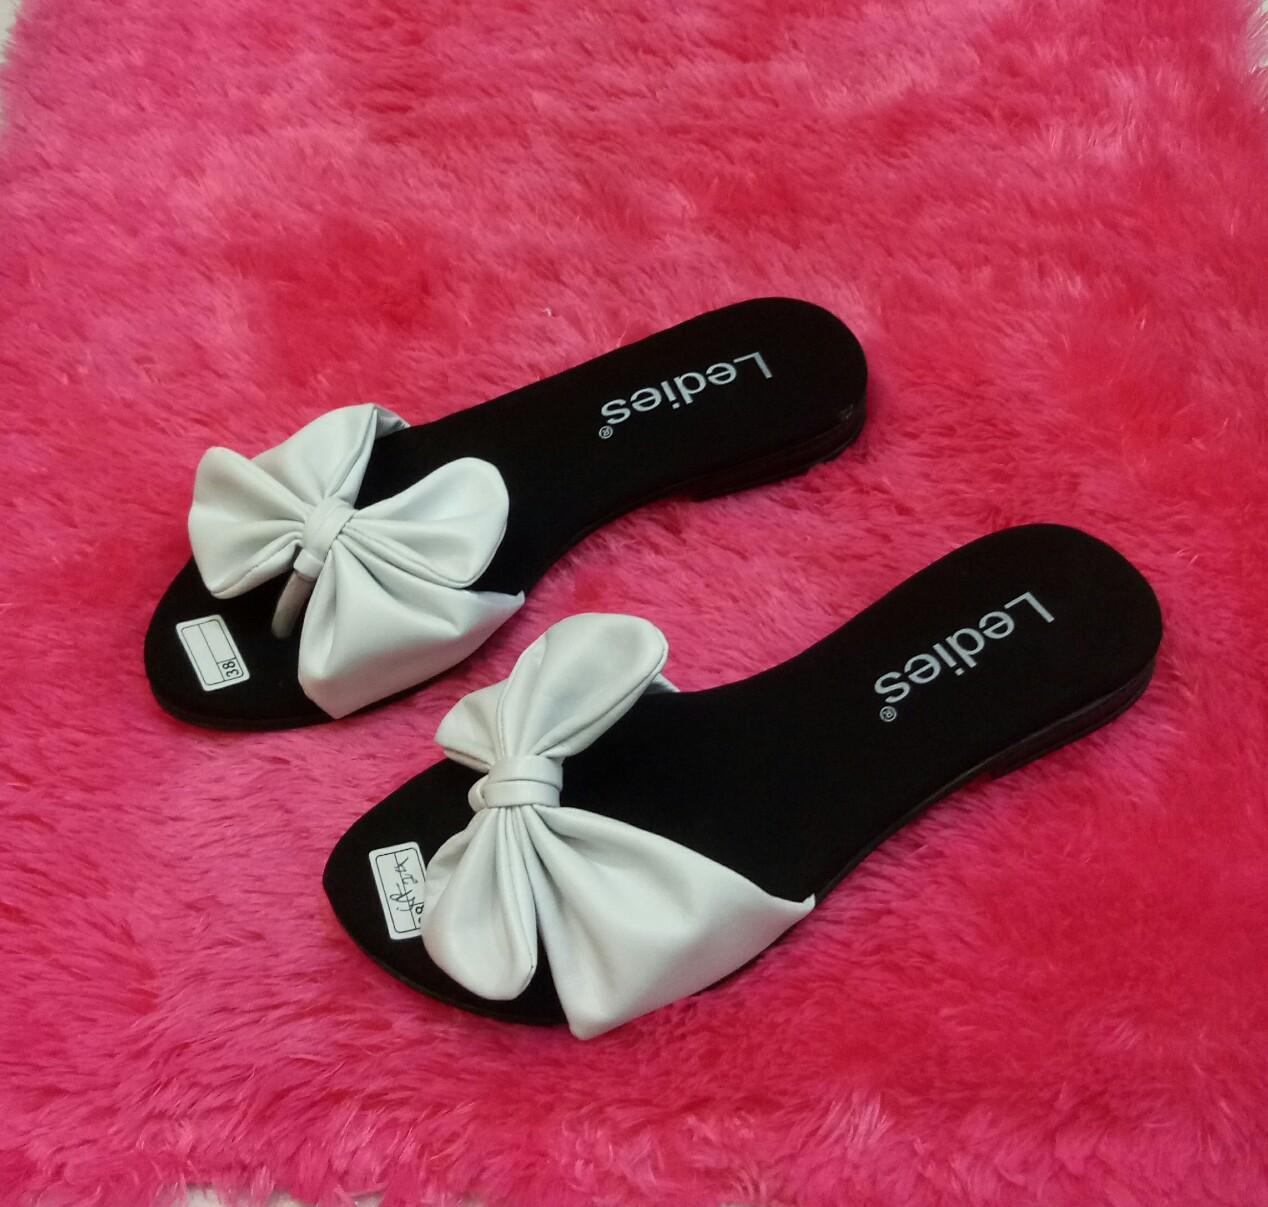 sandal waNITA/ Sandal Teplek Pita jepit Wanita Model Terbaru Murah/Sandal Selop Wanita/